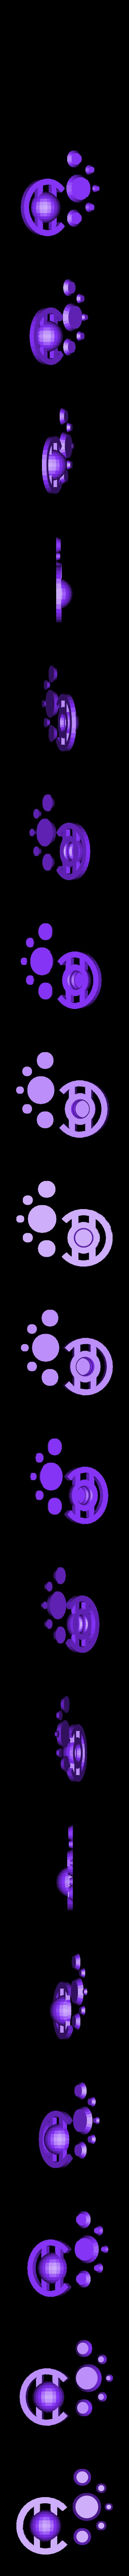 SteeringConsole_Bits.stl Télécharger fichier STL gratuit Console de direction SciFi • Plan à imprimer en 3D, gabutoillegna56